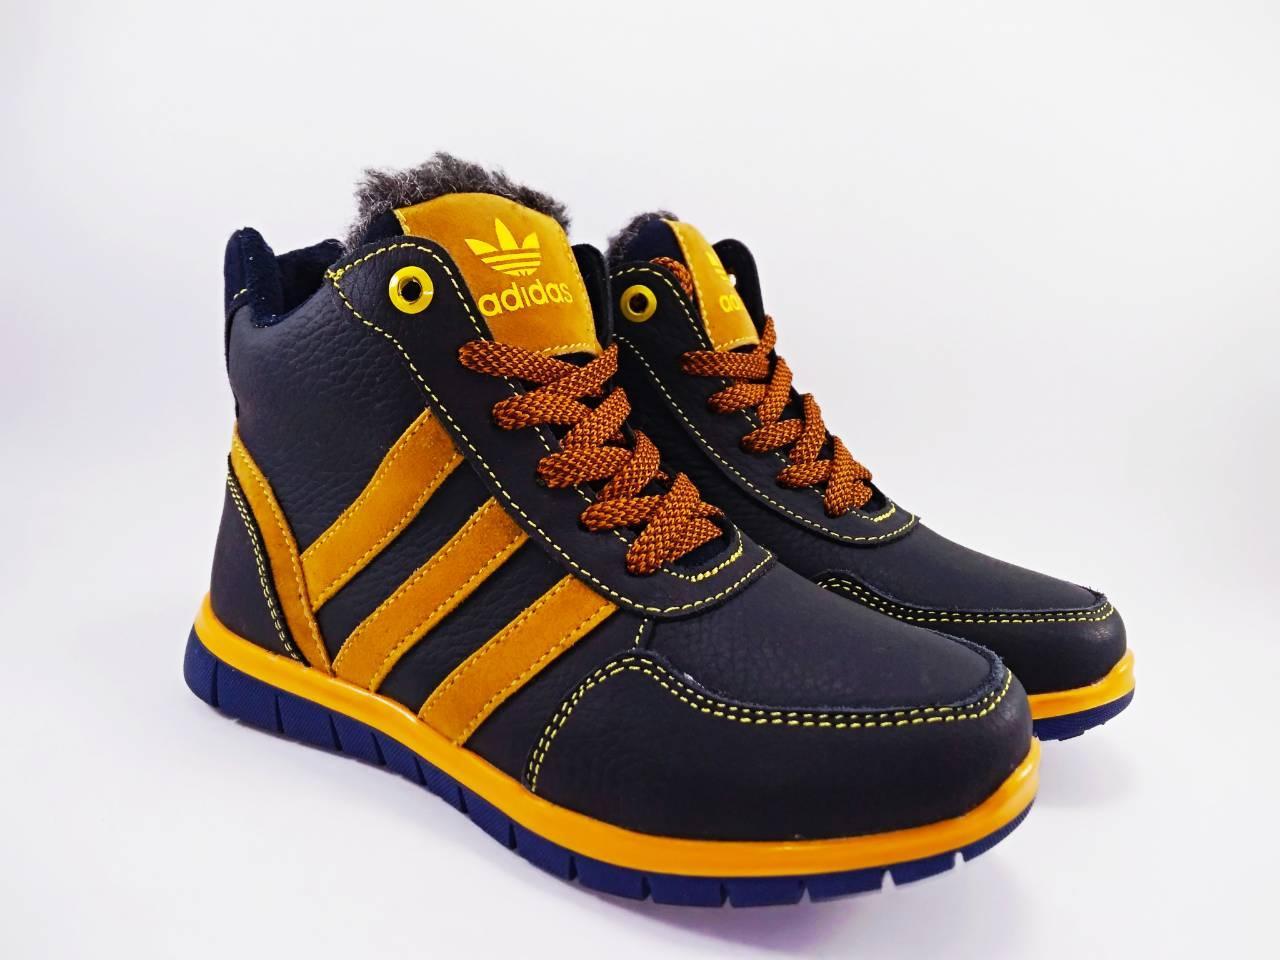 Черевики шкіряні Adidas рижі 30-34  продажа dd49a3521aba2